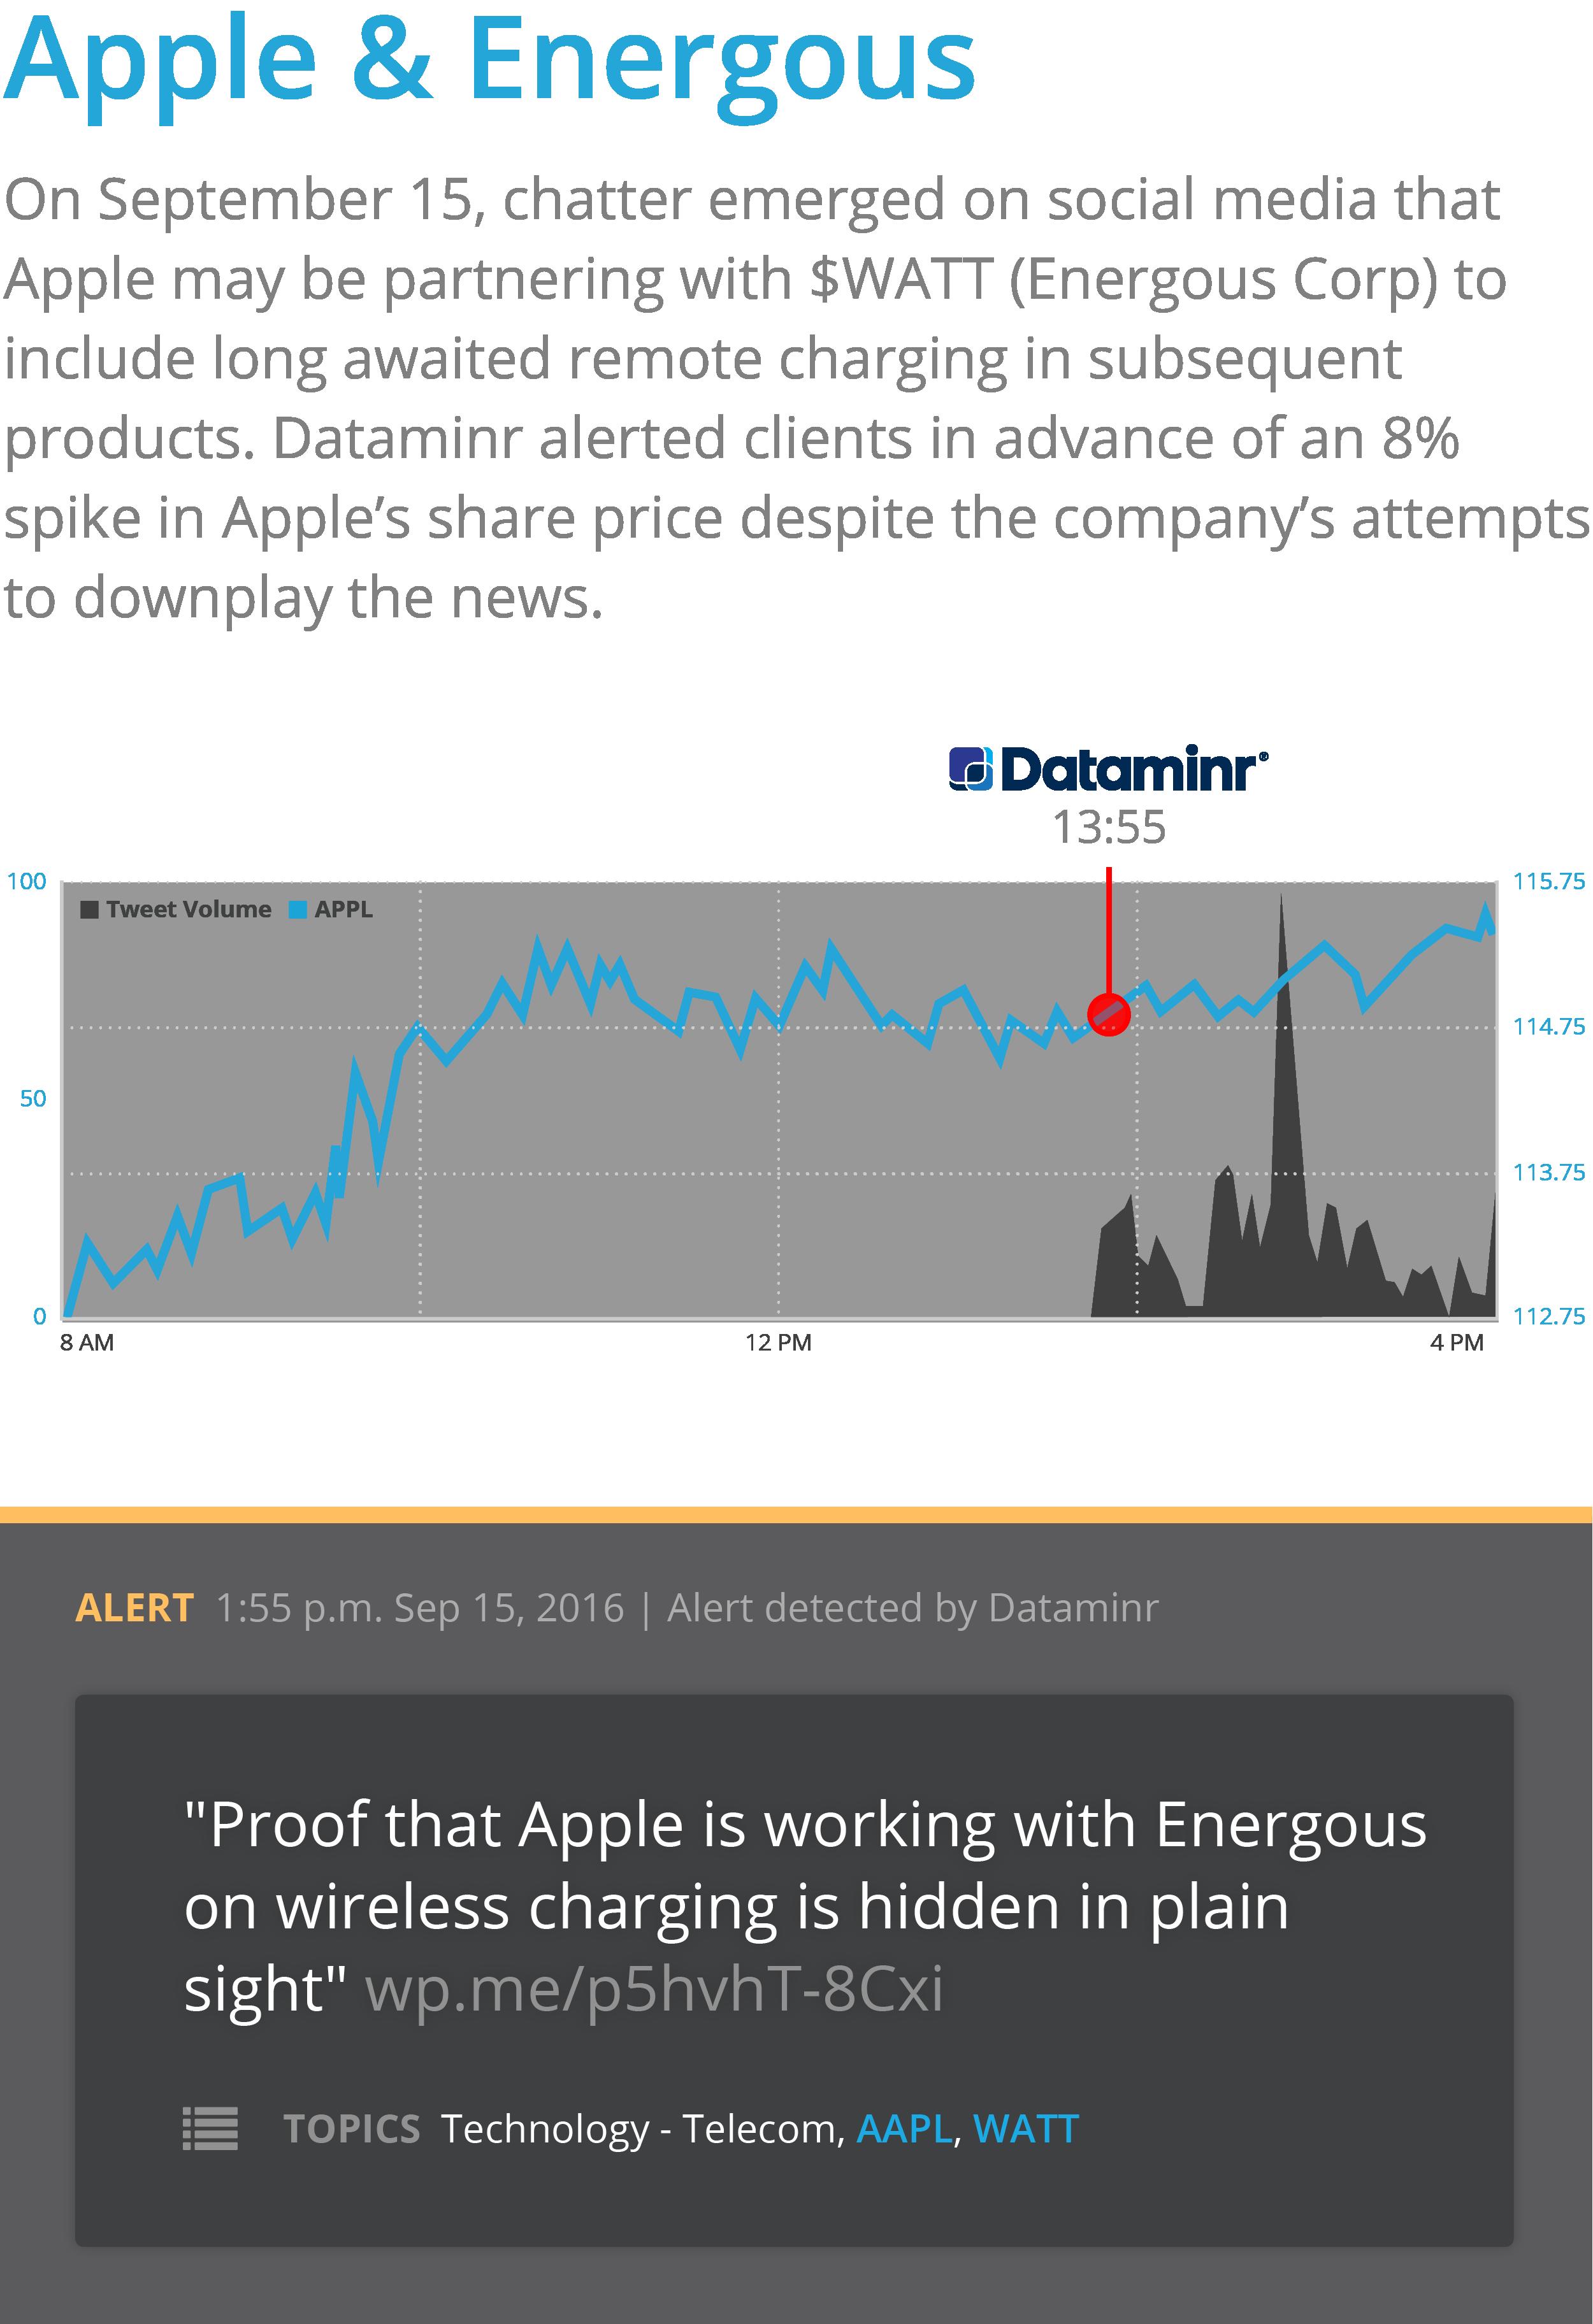 Apple Energous